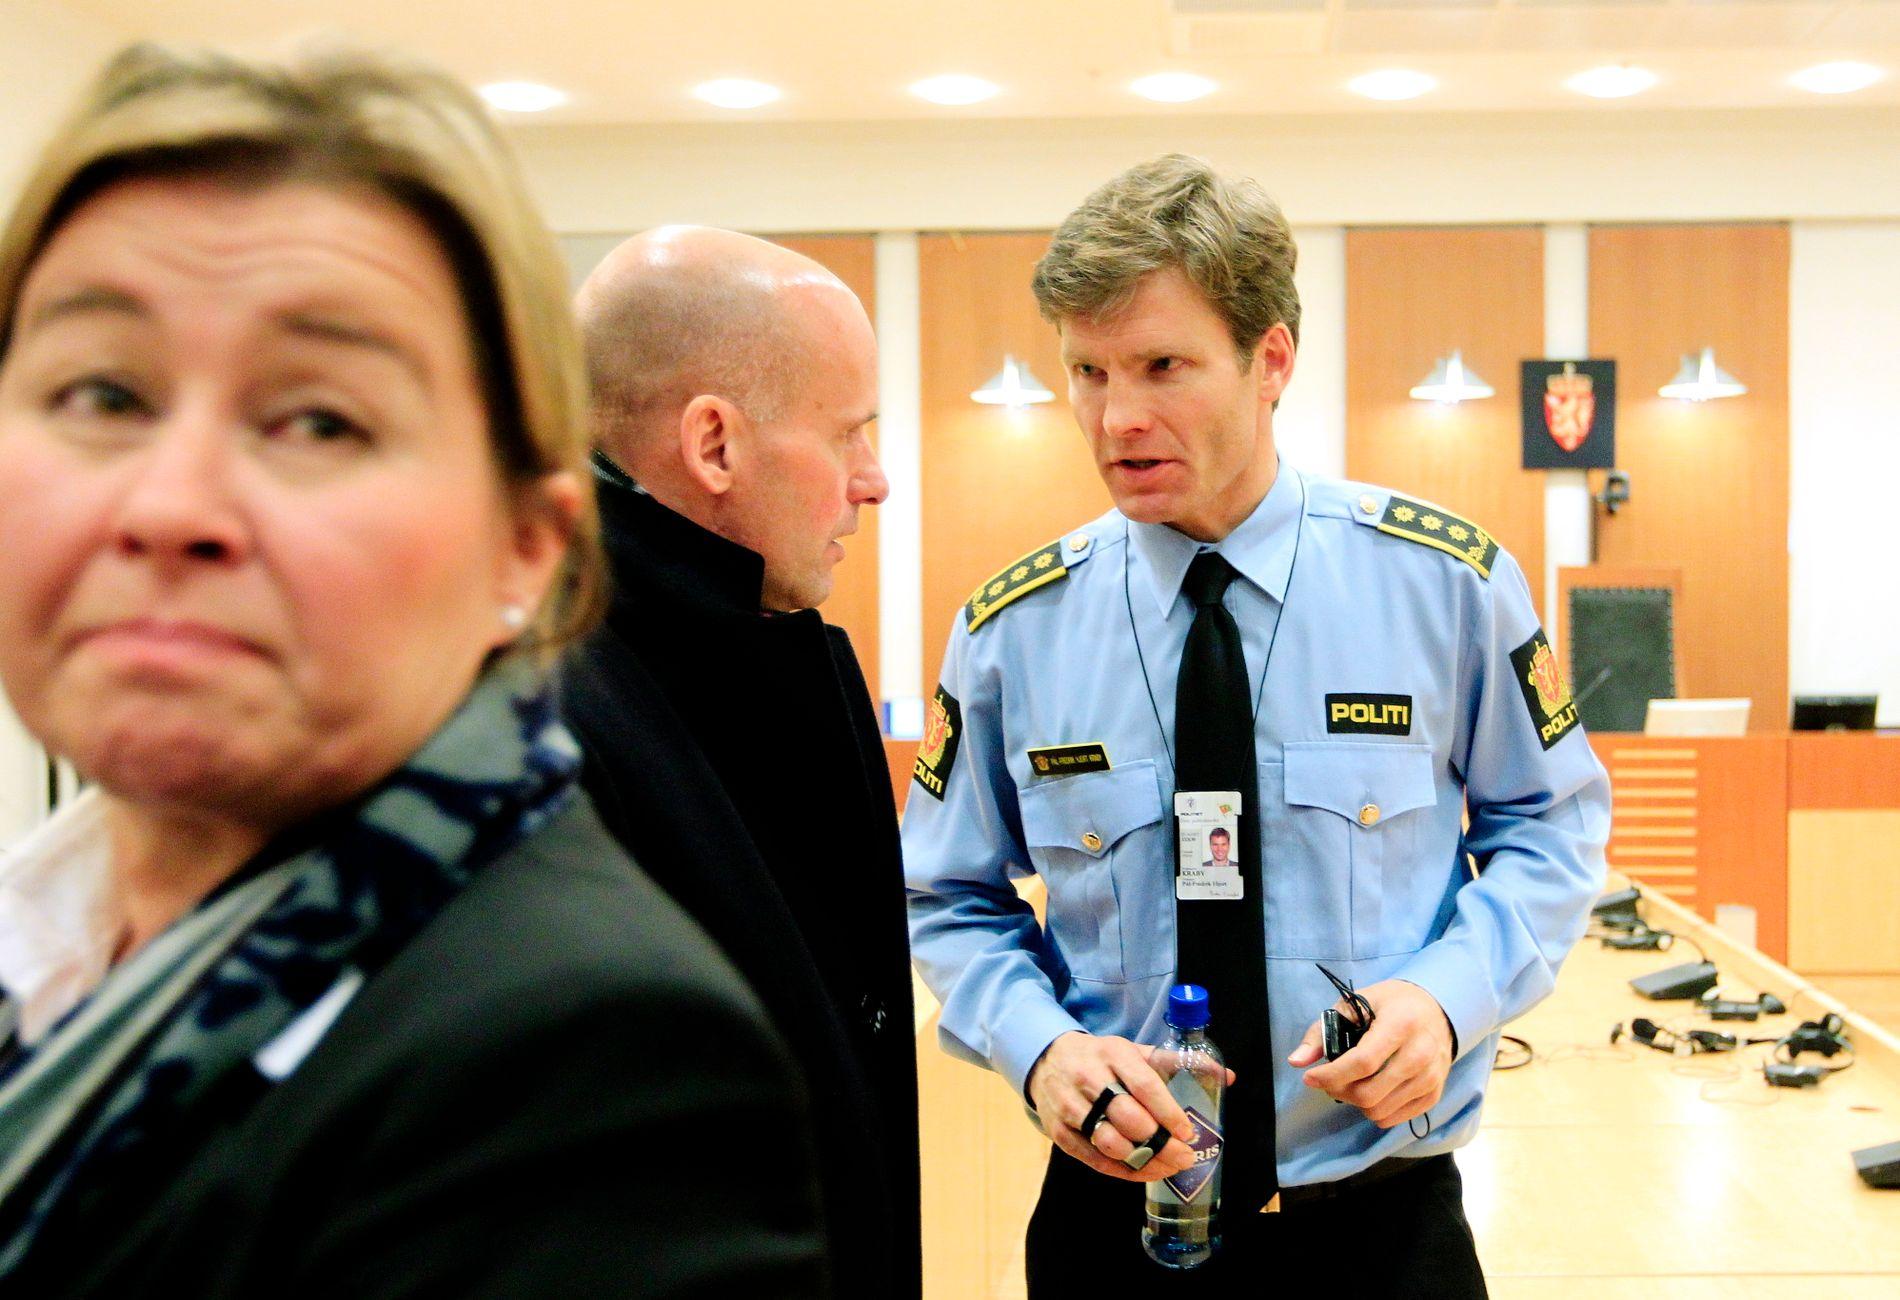 FORNØYD: - Vi er fornøyde med kjennelsen, i all hovedsak. Men vi vil vurdere å anke avgjørelsen om kun fire ukers medieforbud, sa politiadvokat Pål-Fredrik Hjort Kraby på en pressekonferanse klokken 14.